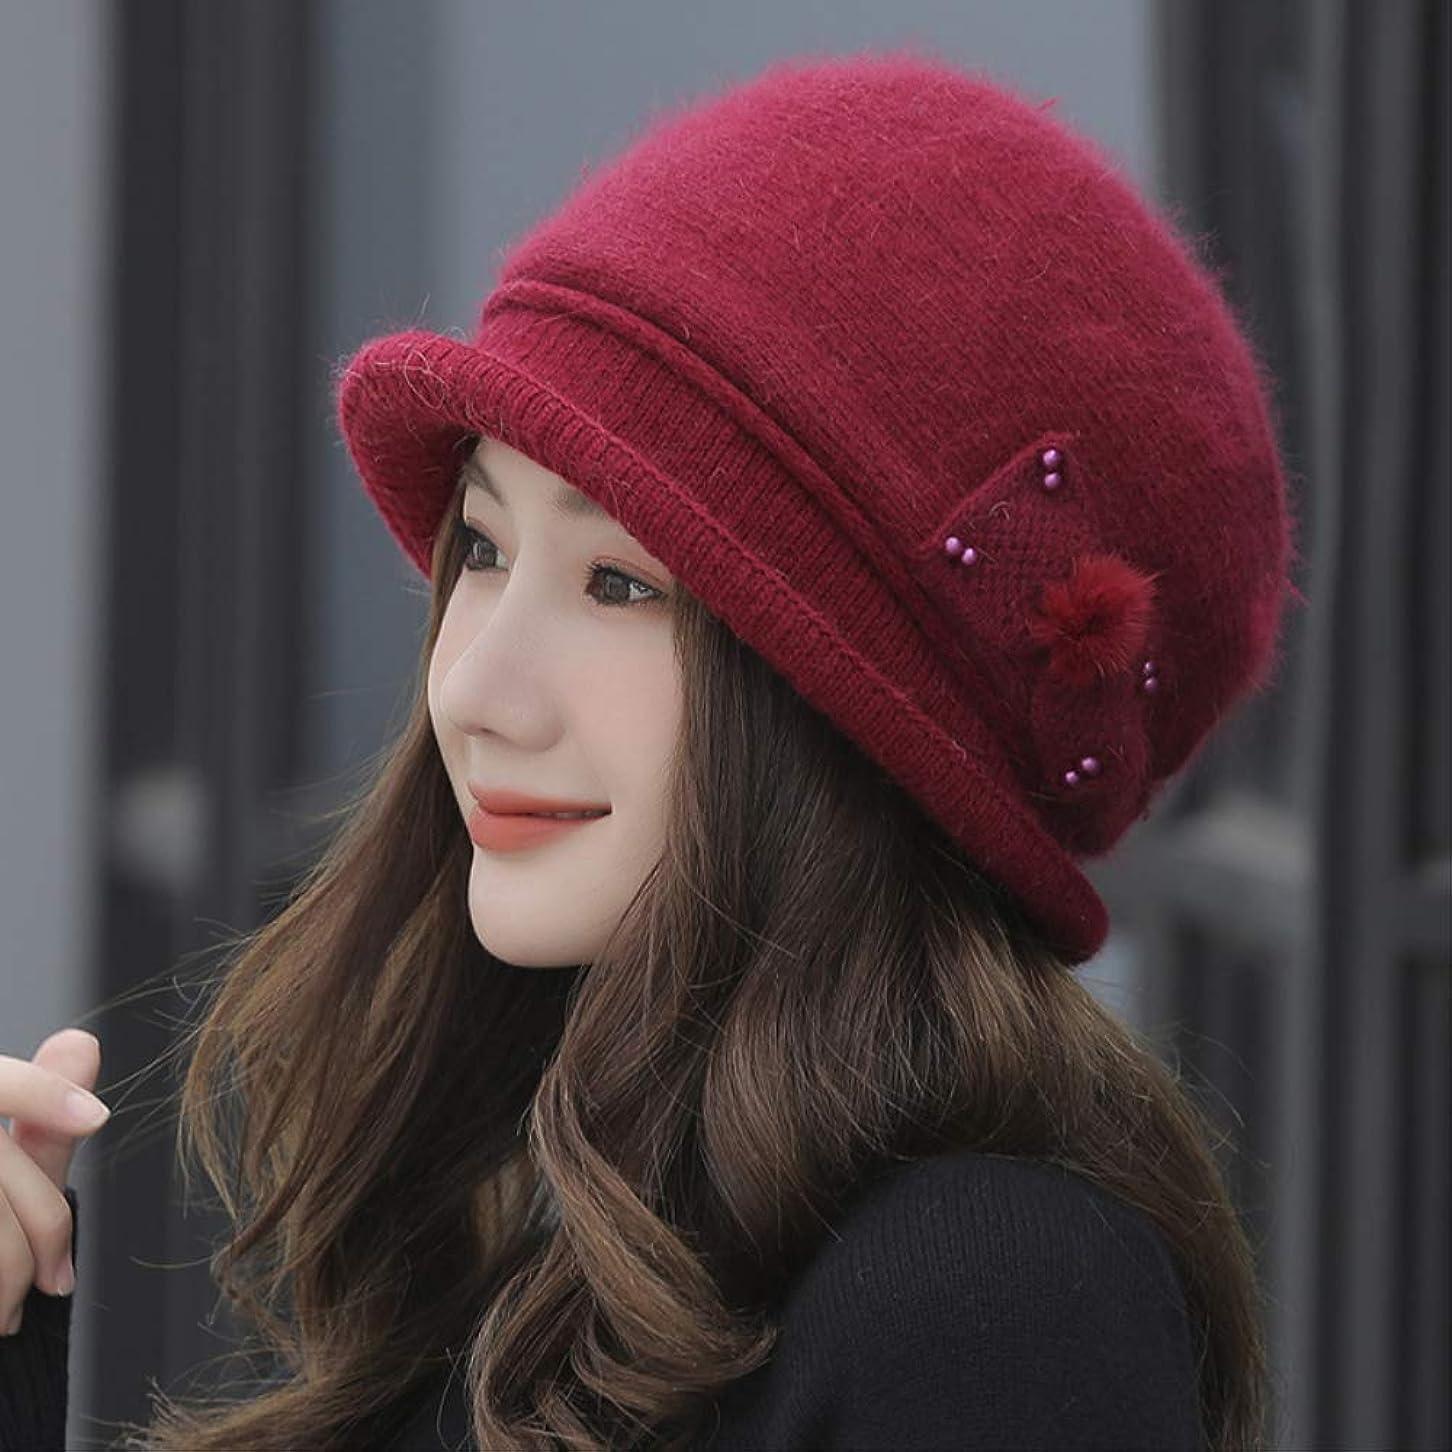 学習者サリーマーカー女性冬ニットウール帽子ファッション弓バケット帽子ママの帽子中年の厚く暖かいウサギ毛盆地キャップ